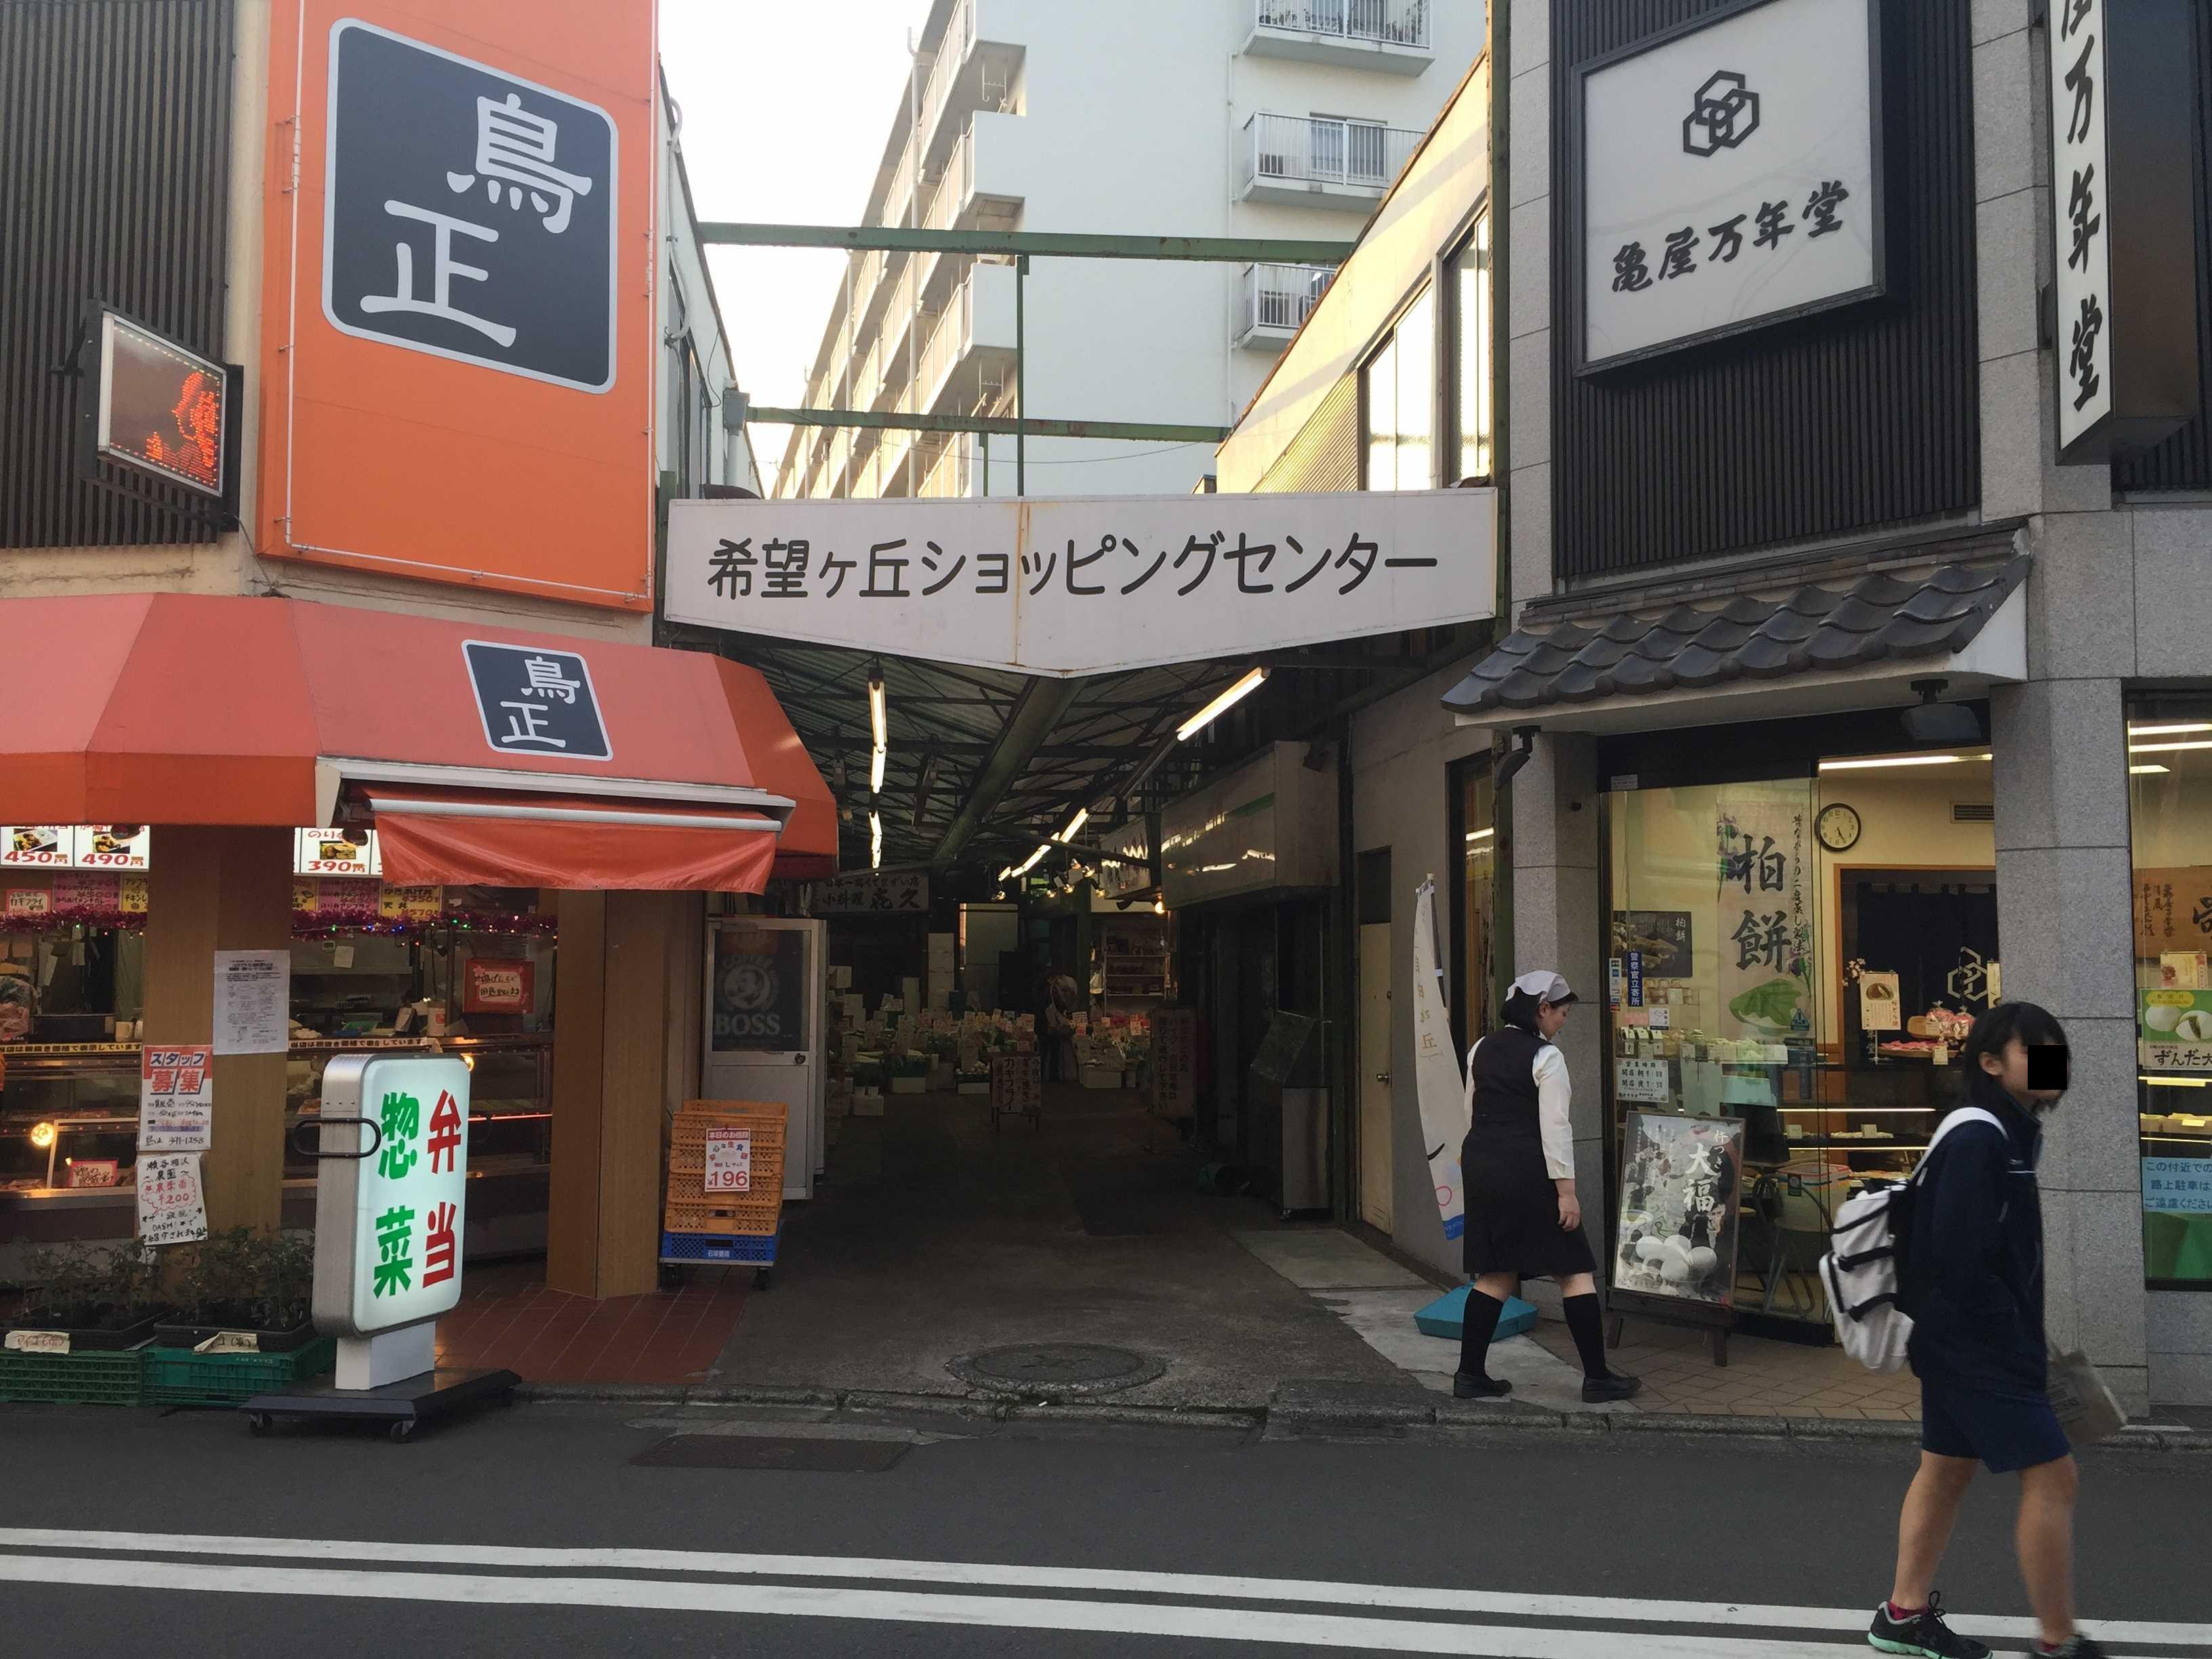 希望ヶ丘ショッピングセンター